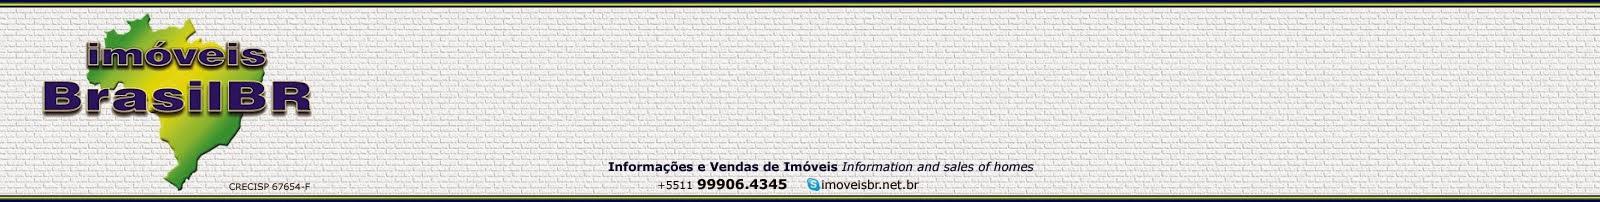 Imóveis BrasilBR - Imóveis no Brasil, Residenciais, Comerciais e Corporativos